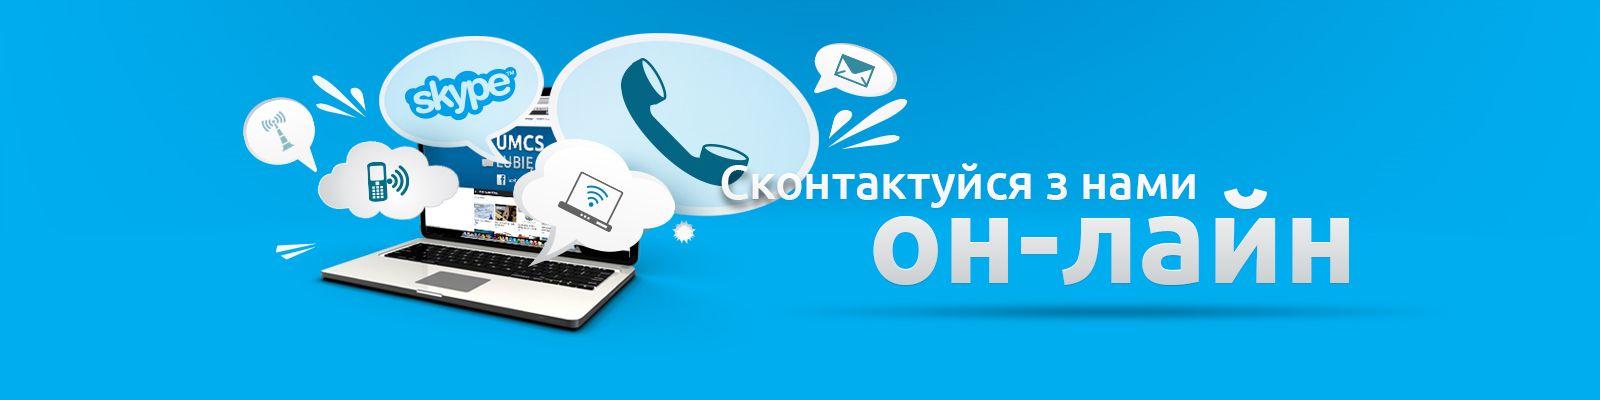 Сконтактуйся з нами on-line